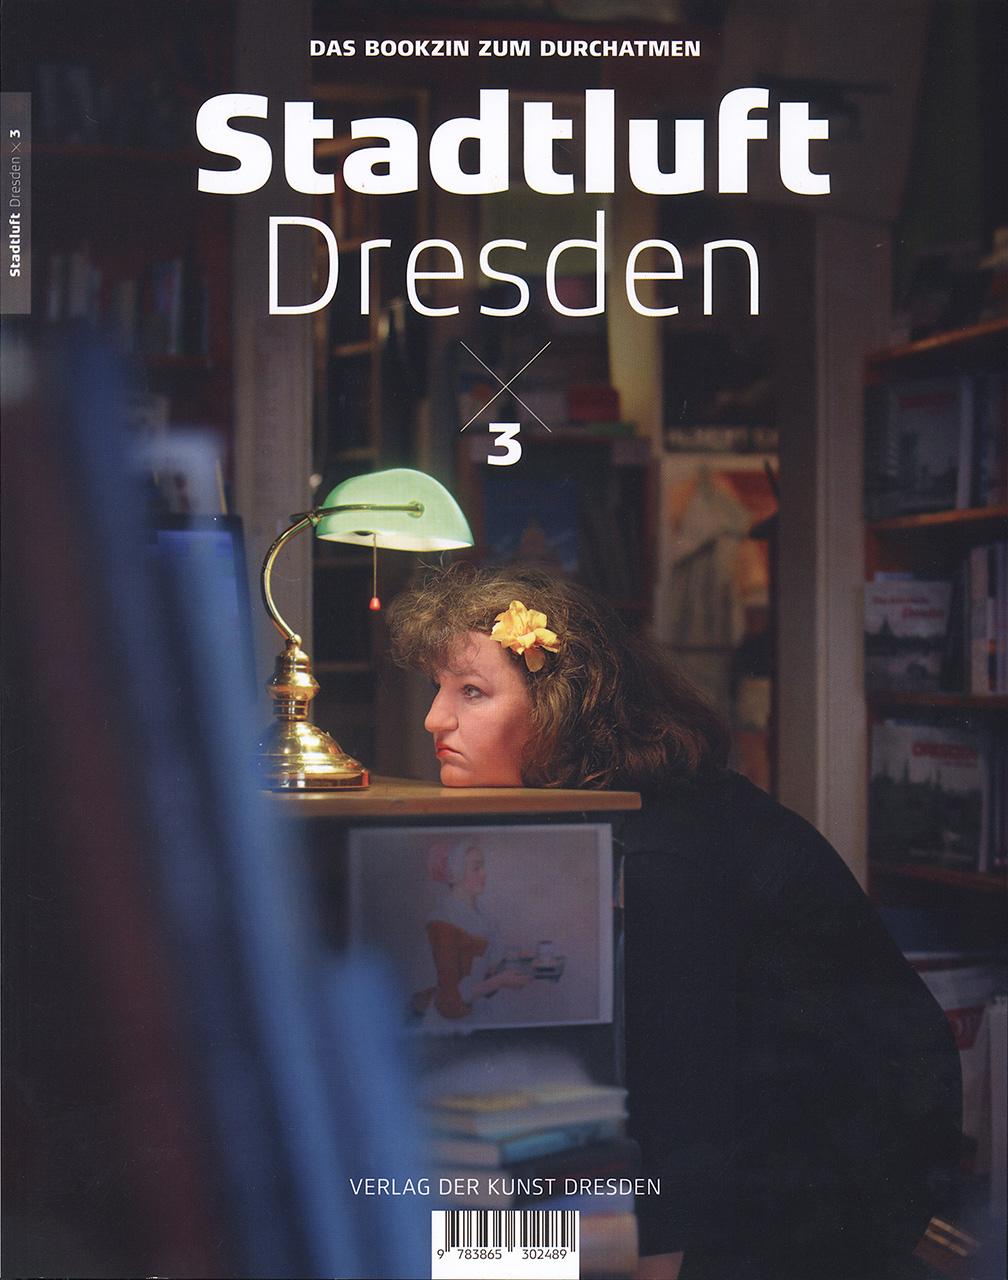 Stadtluft Dresden 3 – das Bookzin zum Durchatmen